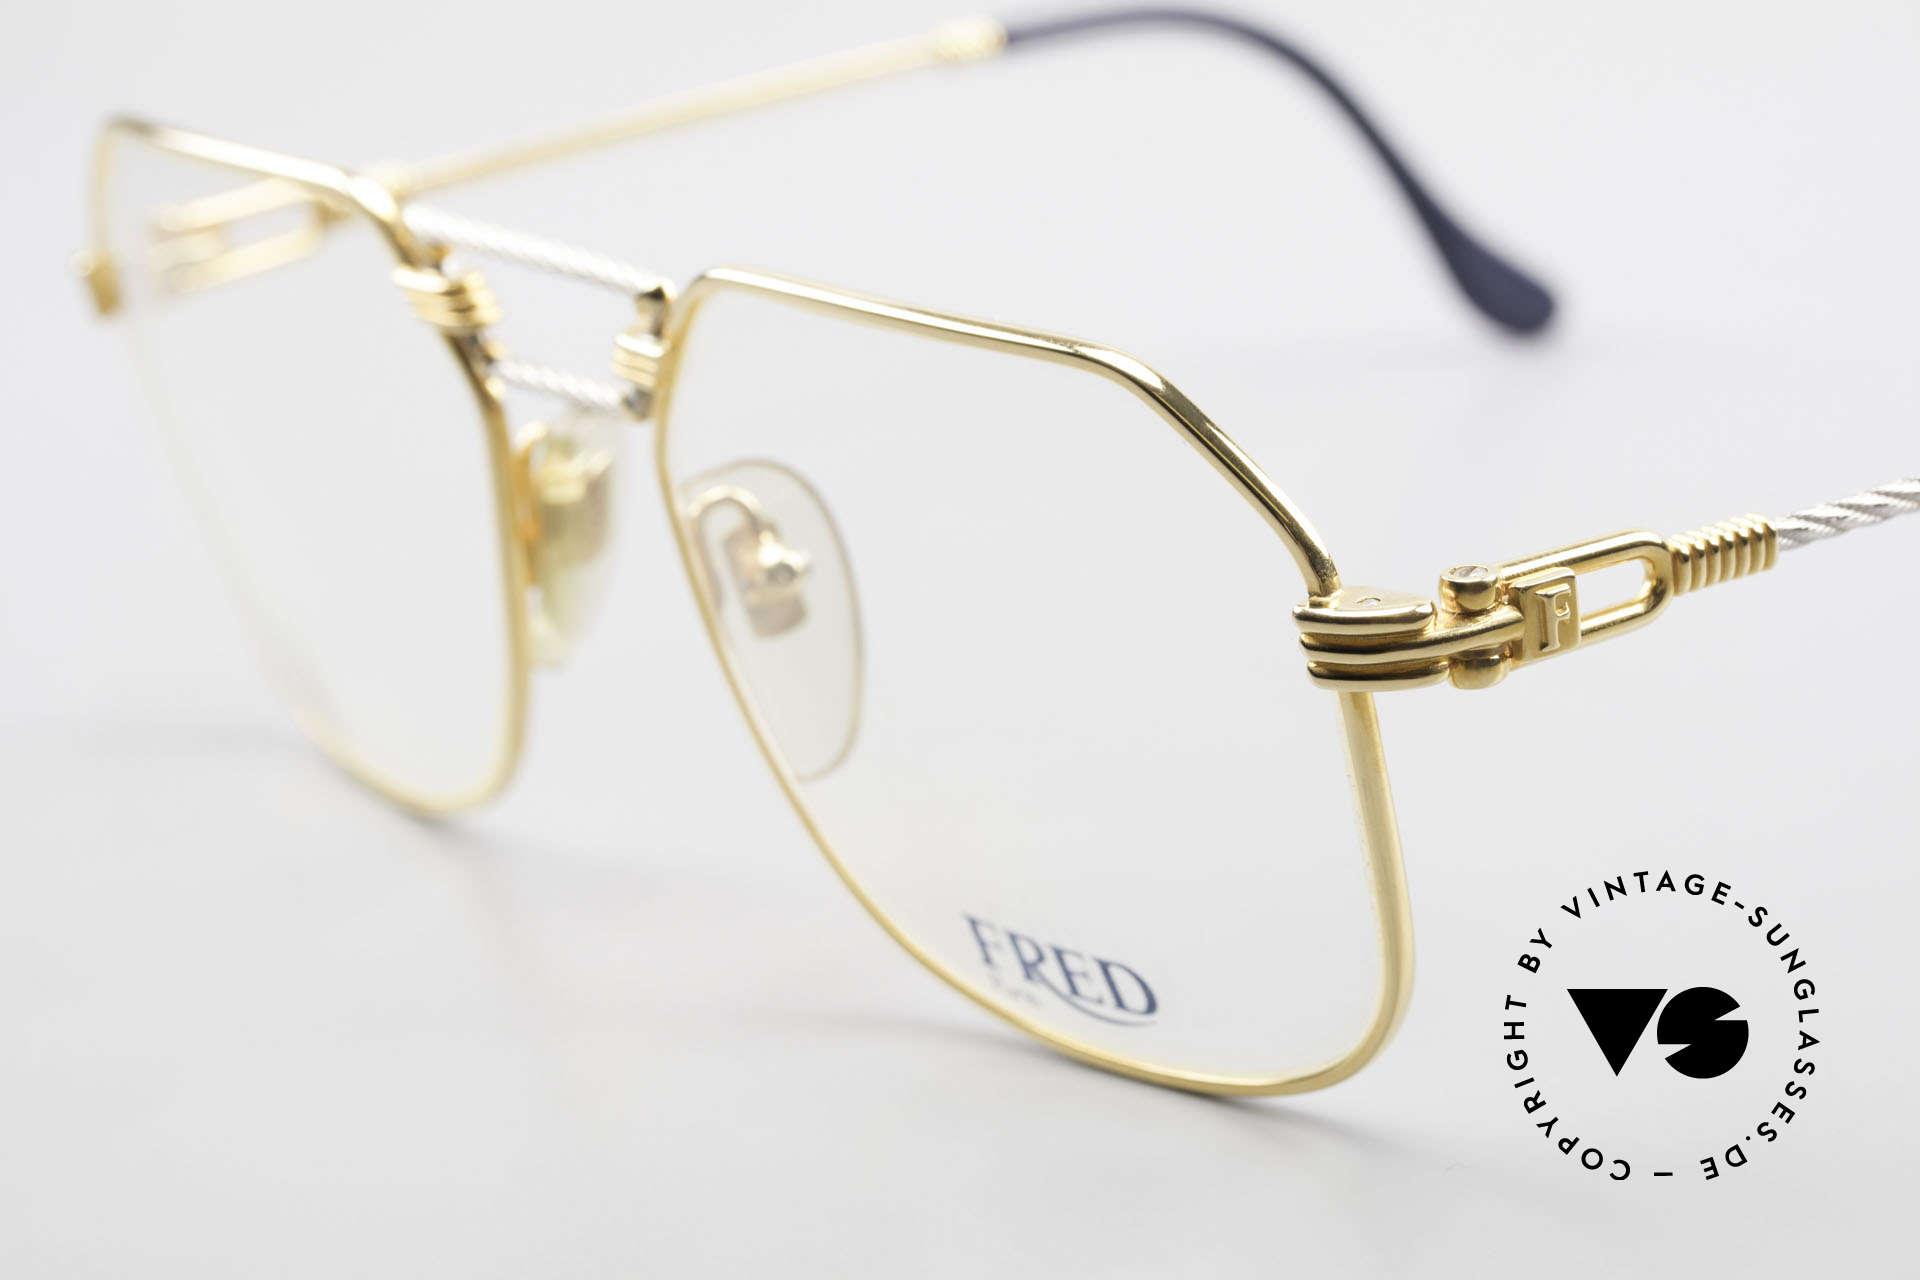 Fred Cap Horn - M Rare 80er Vintage Brille Luxus, Bügel und Brücke sind gedreht wie ein Segeltau; Unikat, Passend für Herren